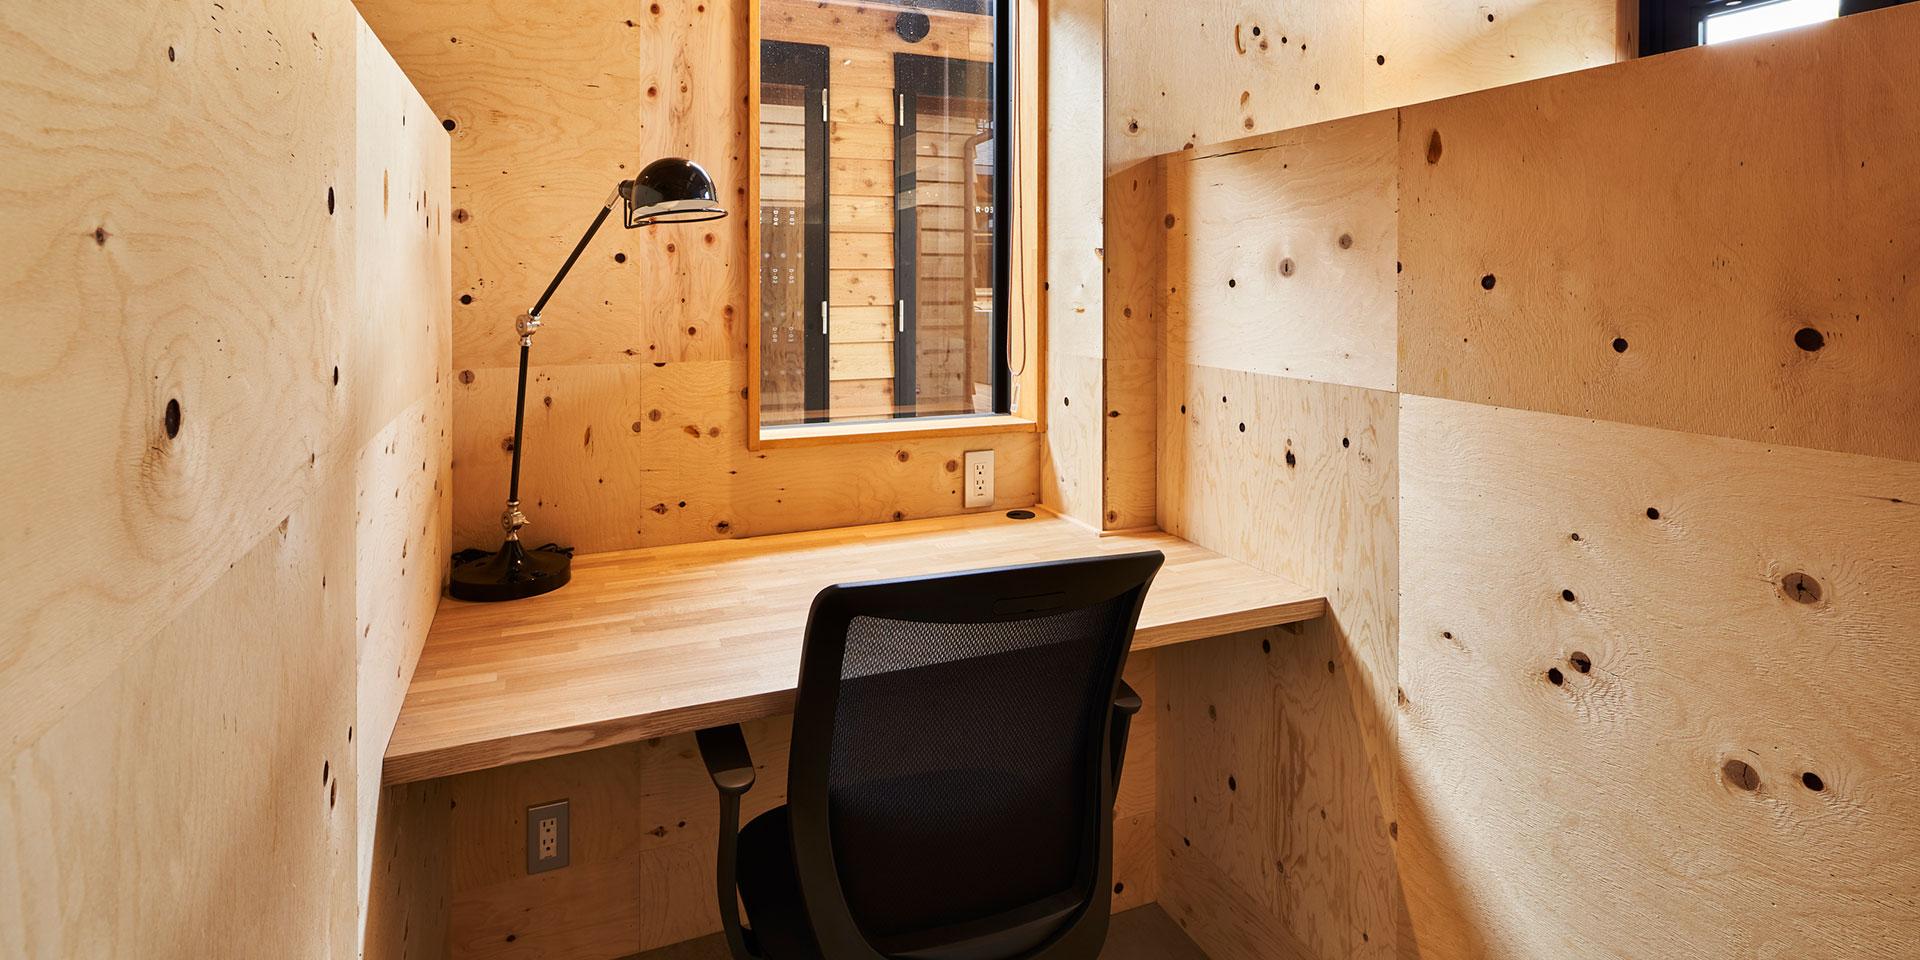 ネスティングパーク黒川・キャビン、書斎やオフィスなどに利用できるブースの写真